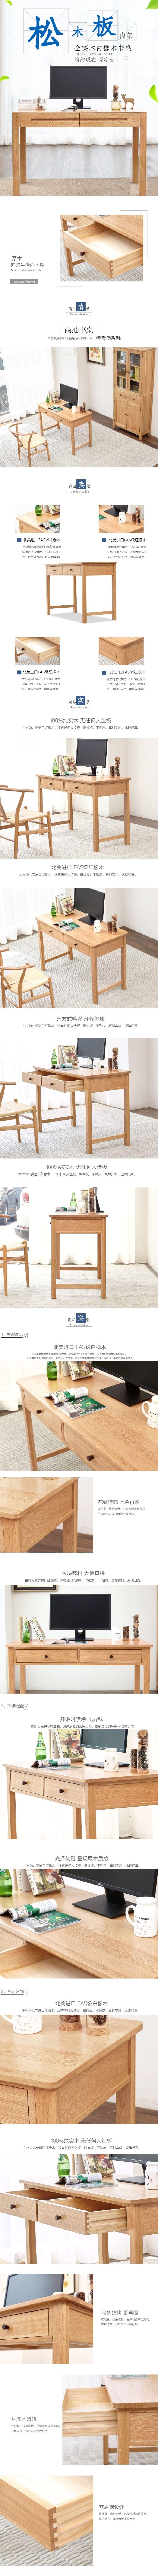 清新简约百货零售家居生活家具书桌促销电商详情页